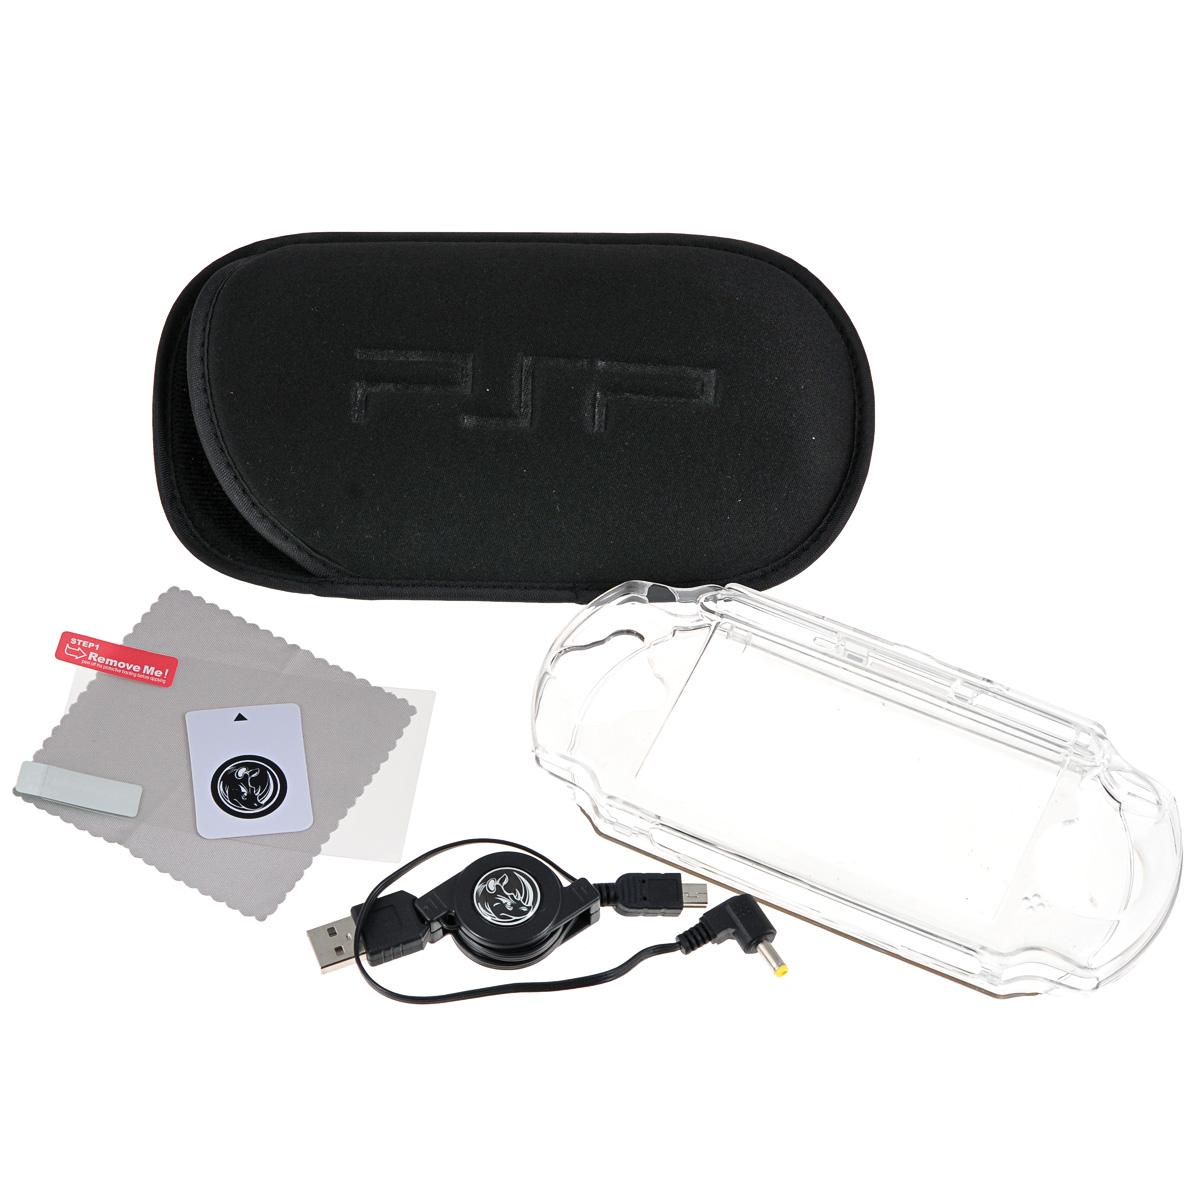 Набор 6 в 1 Black Horns для Sony PSP E1000 (BH-PSE0803(R) - Аксессуары